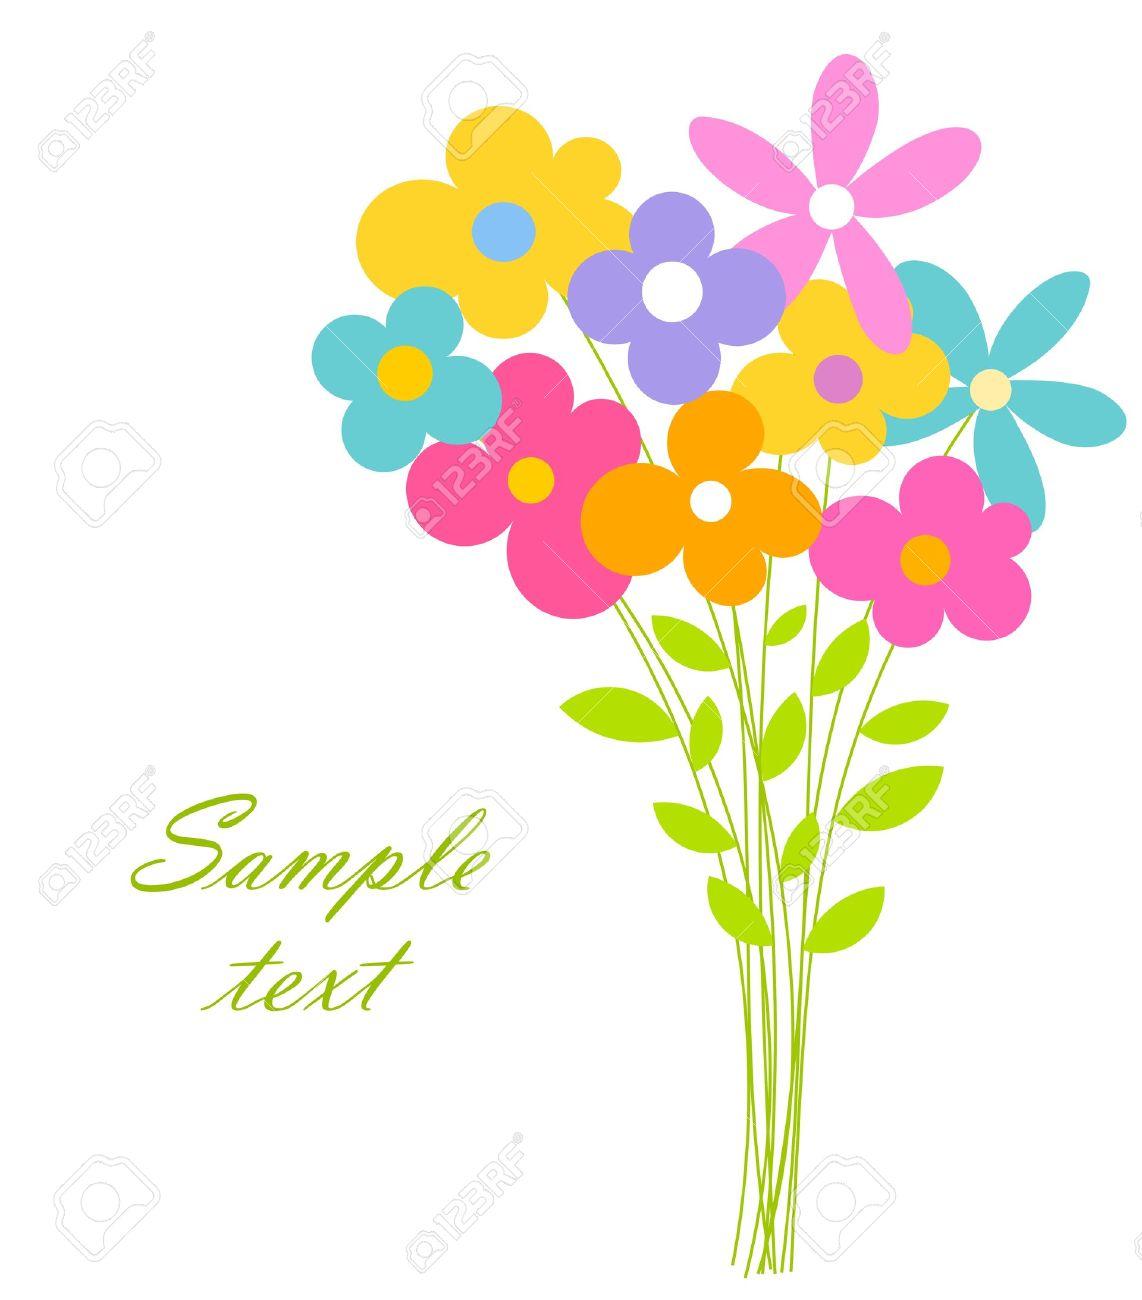 かわいい花束ベクトル イラストのイラスト素材ベクタ Image 12486874